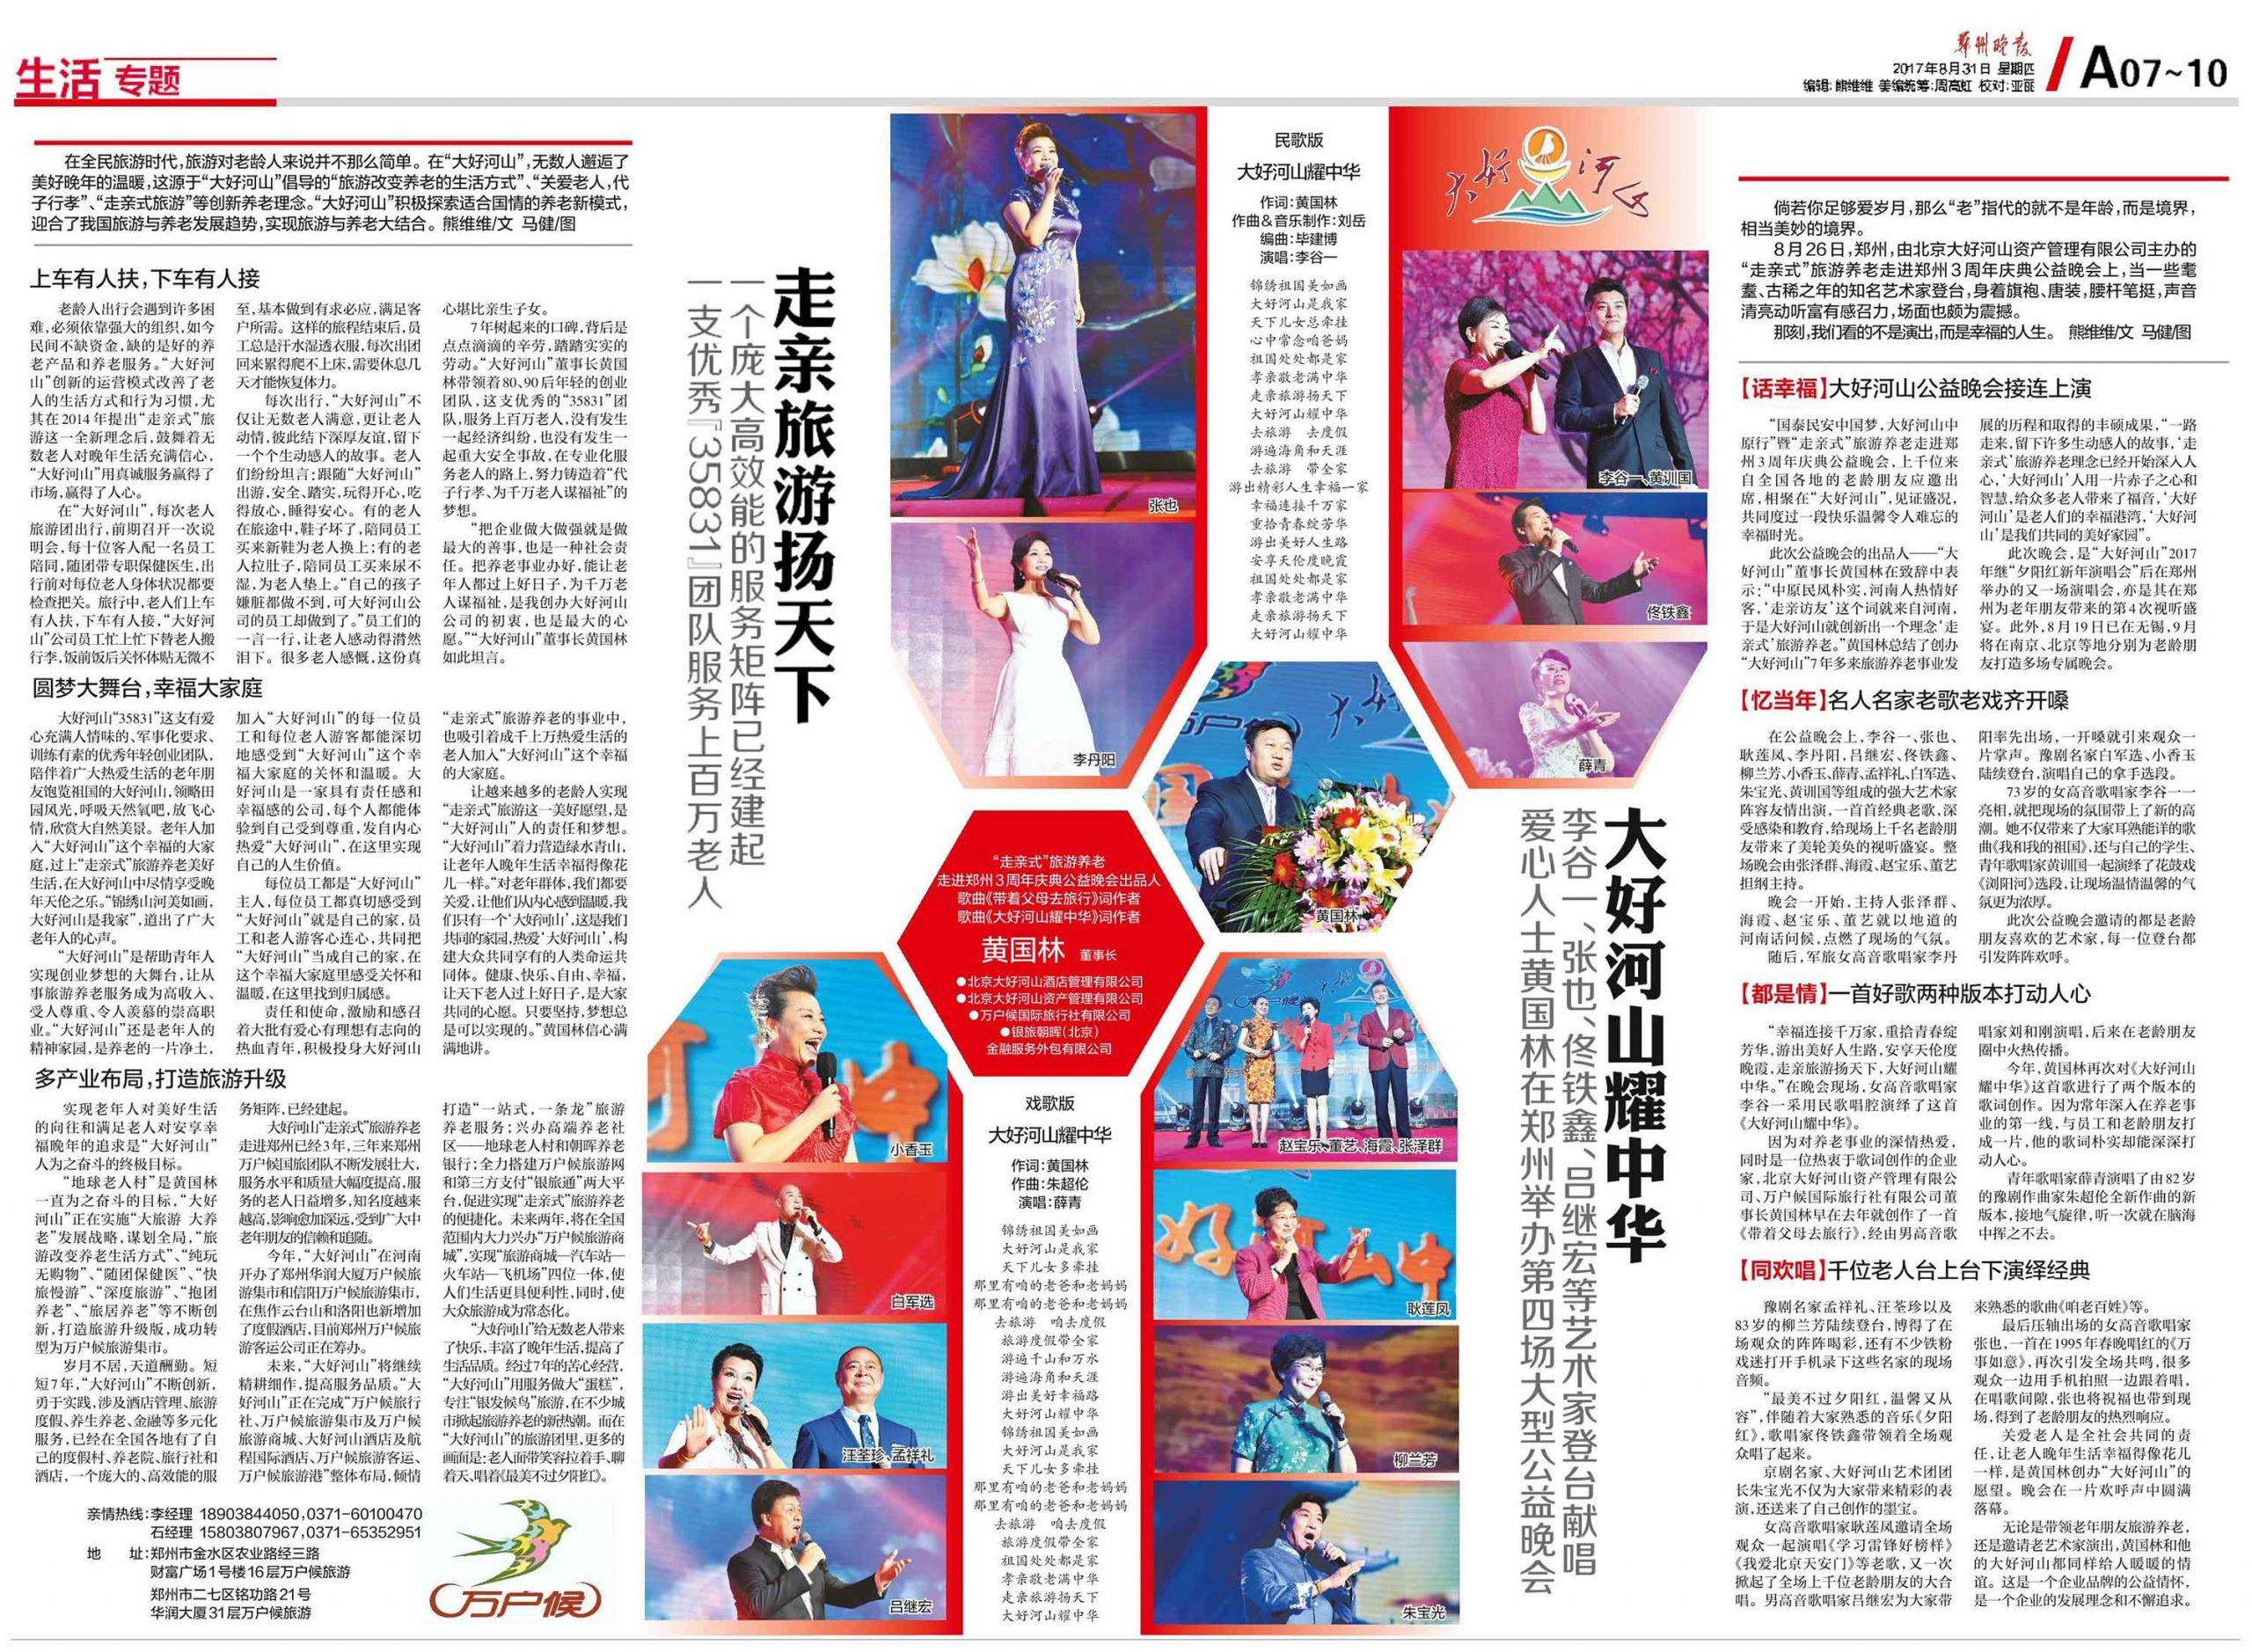 郑州晚报 2017-08-31 A07-10